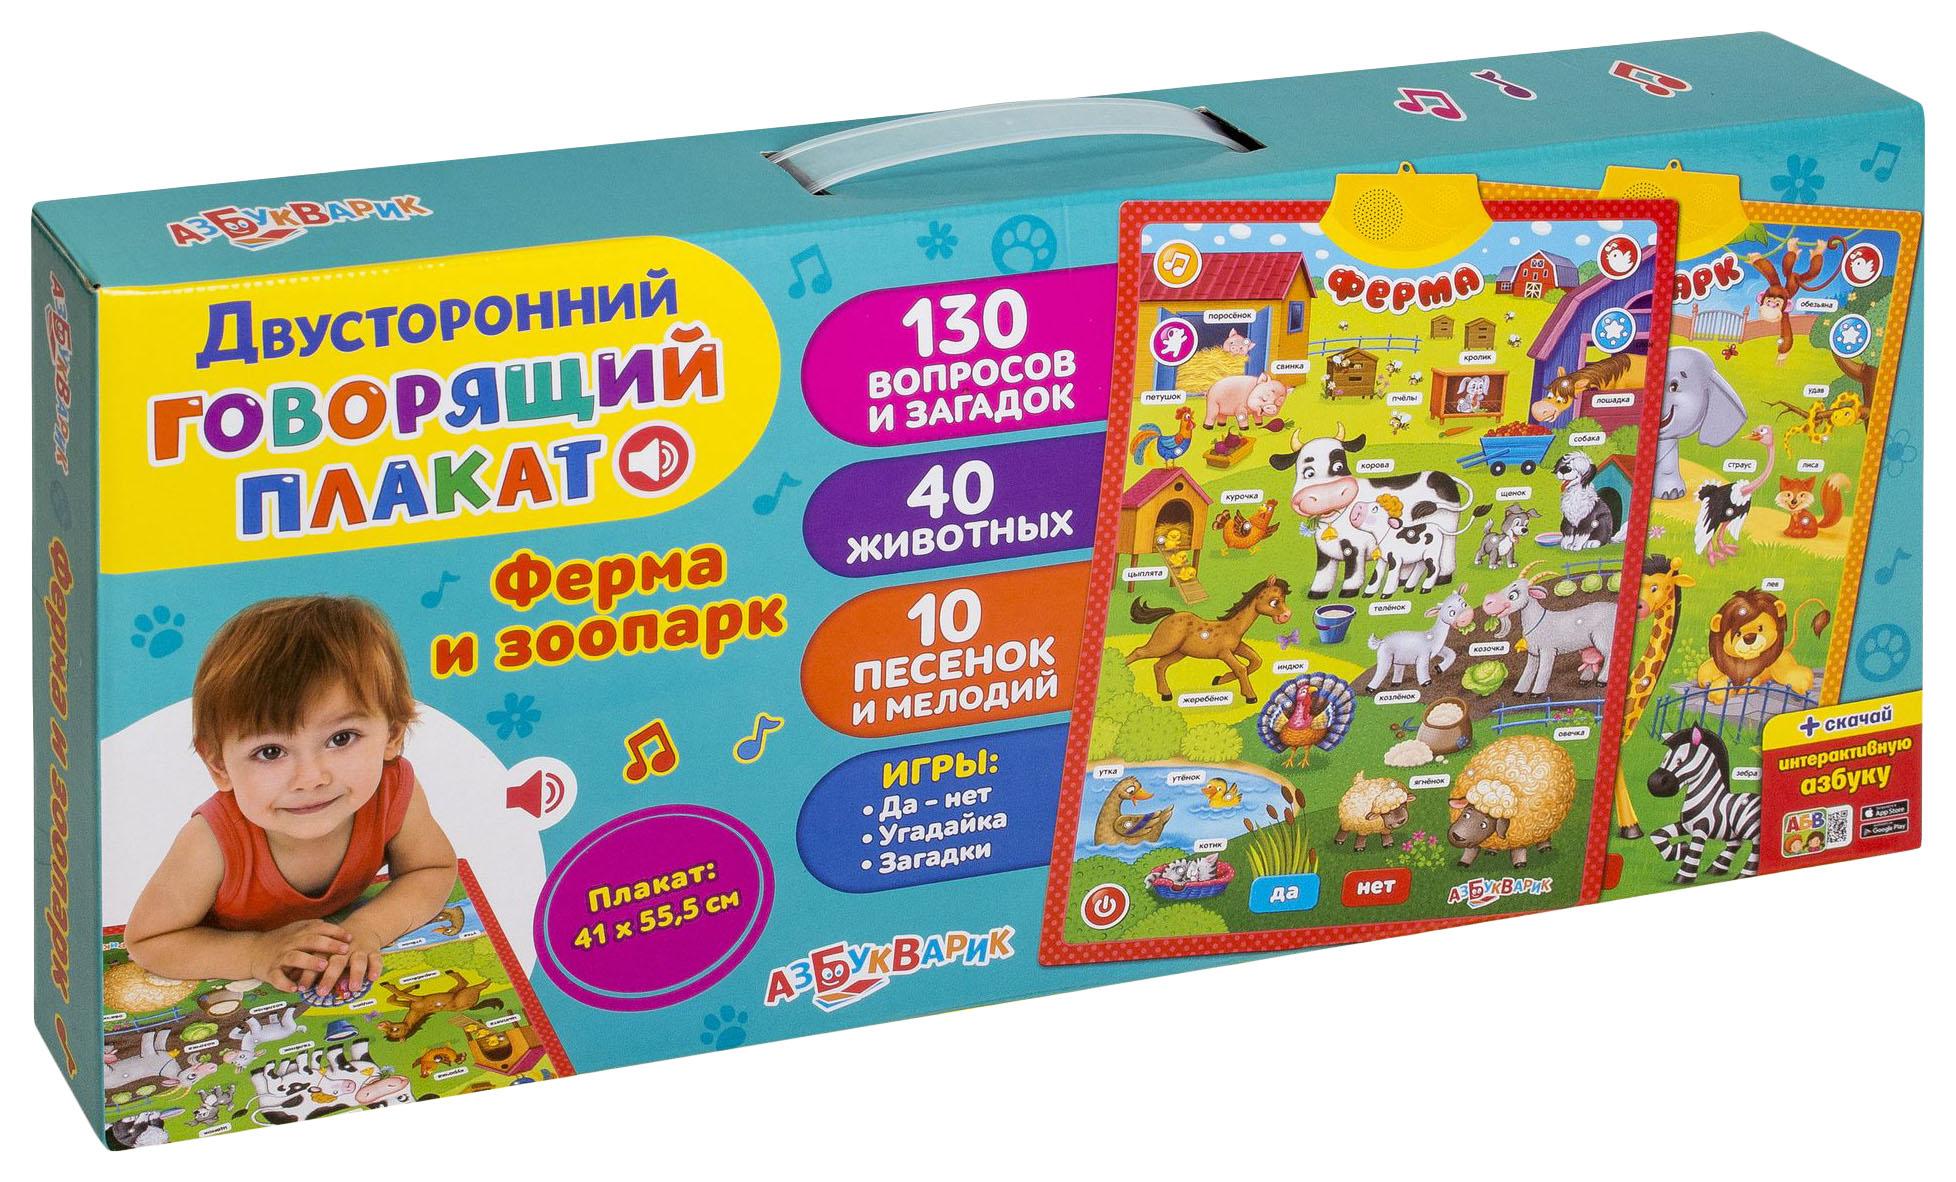 Купить Интерактивный плакат Азбукварик Ферма и зоопарк Двусторонний, Интерактивные плакаты